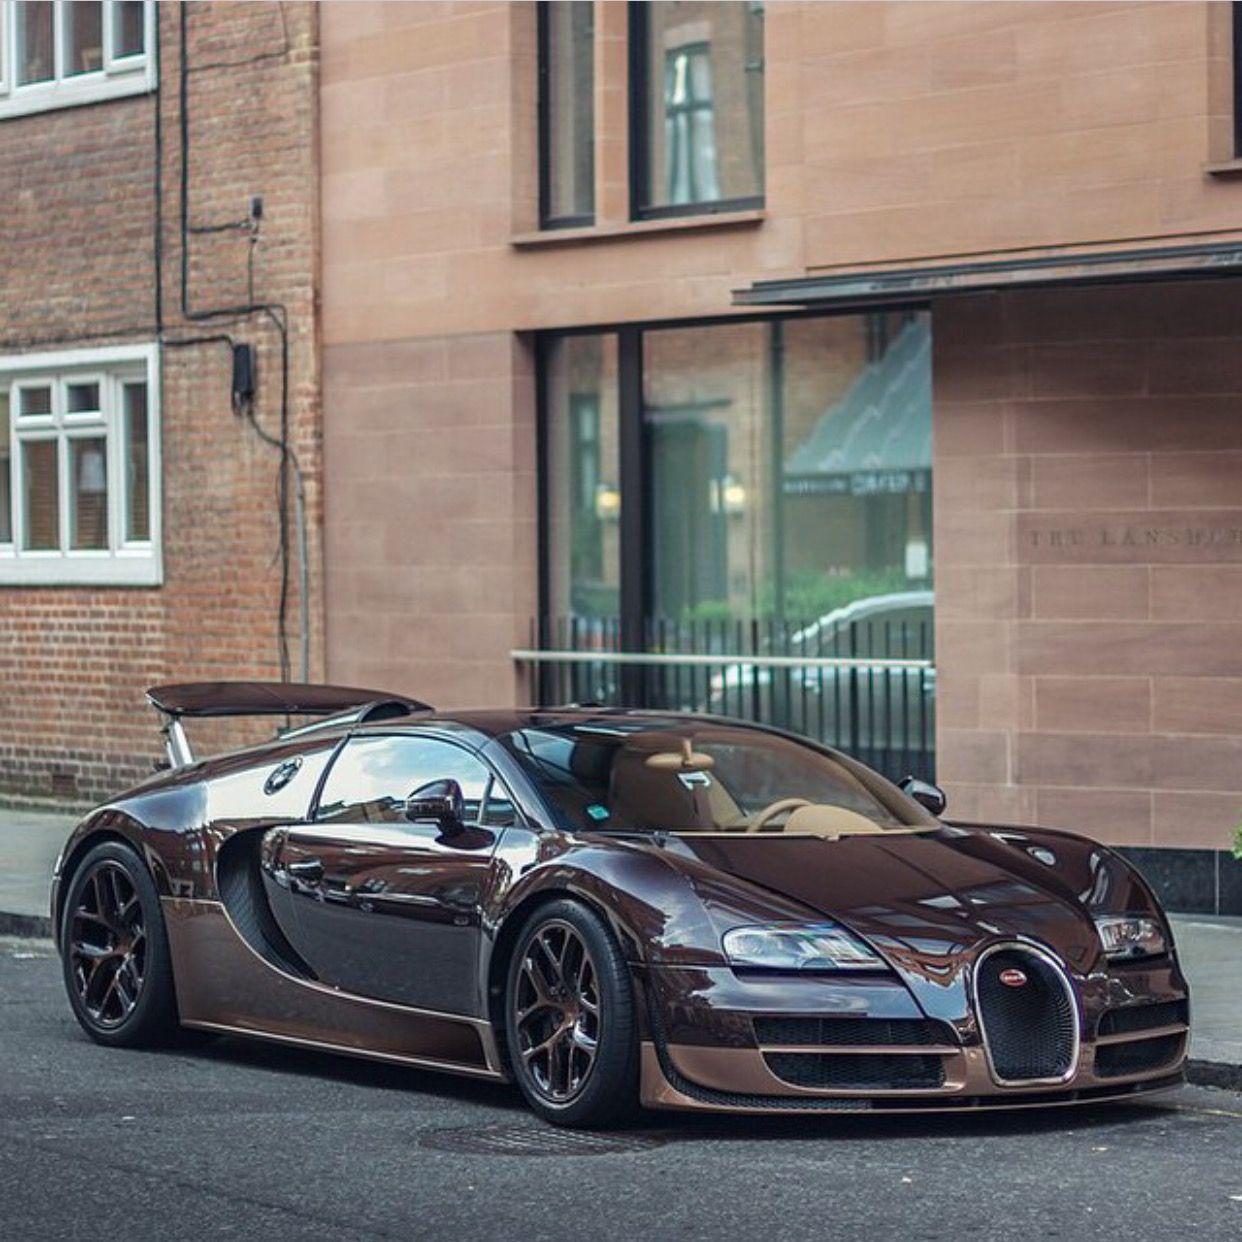 Bugatti Veyron Grand Sport Vitesse Rembrant Edition In Brown